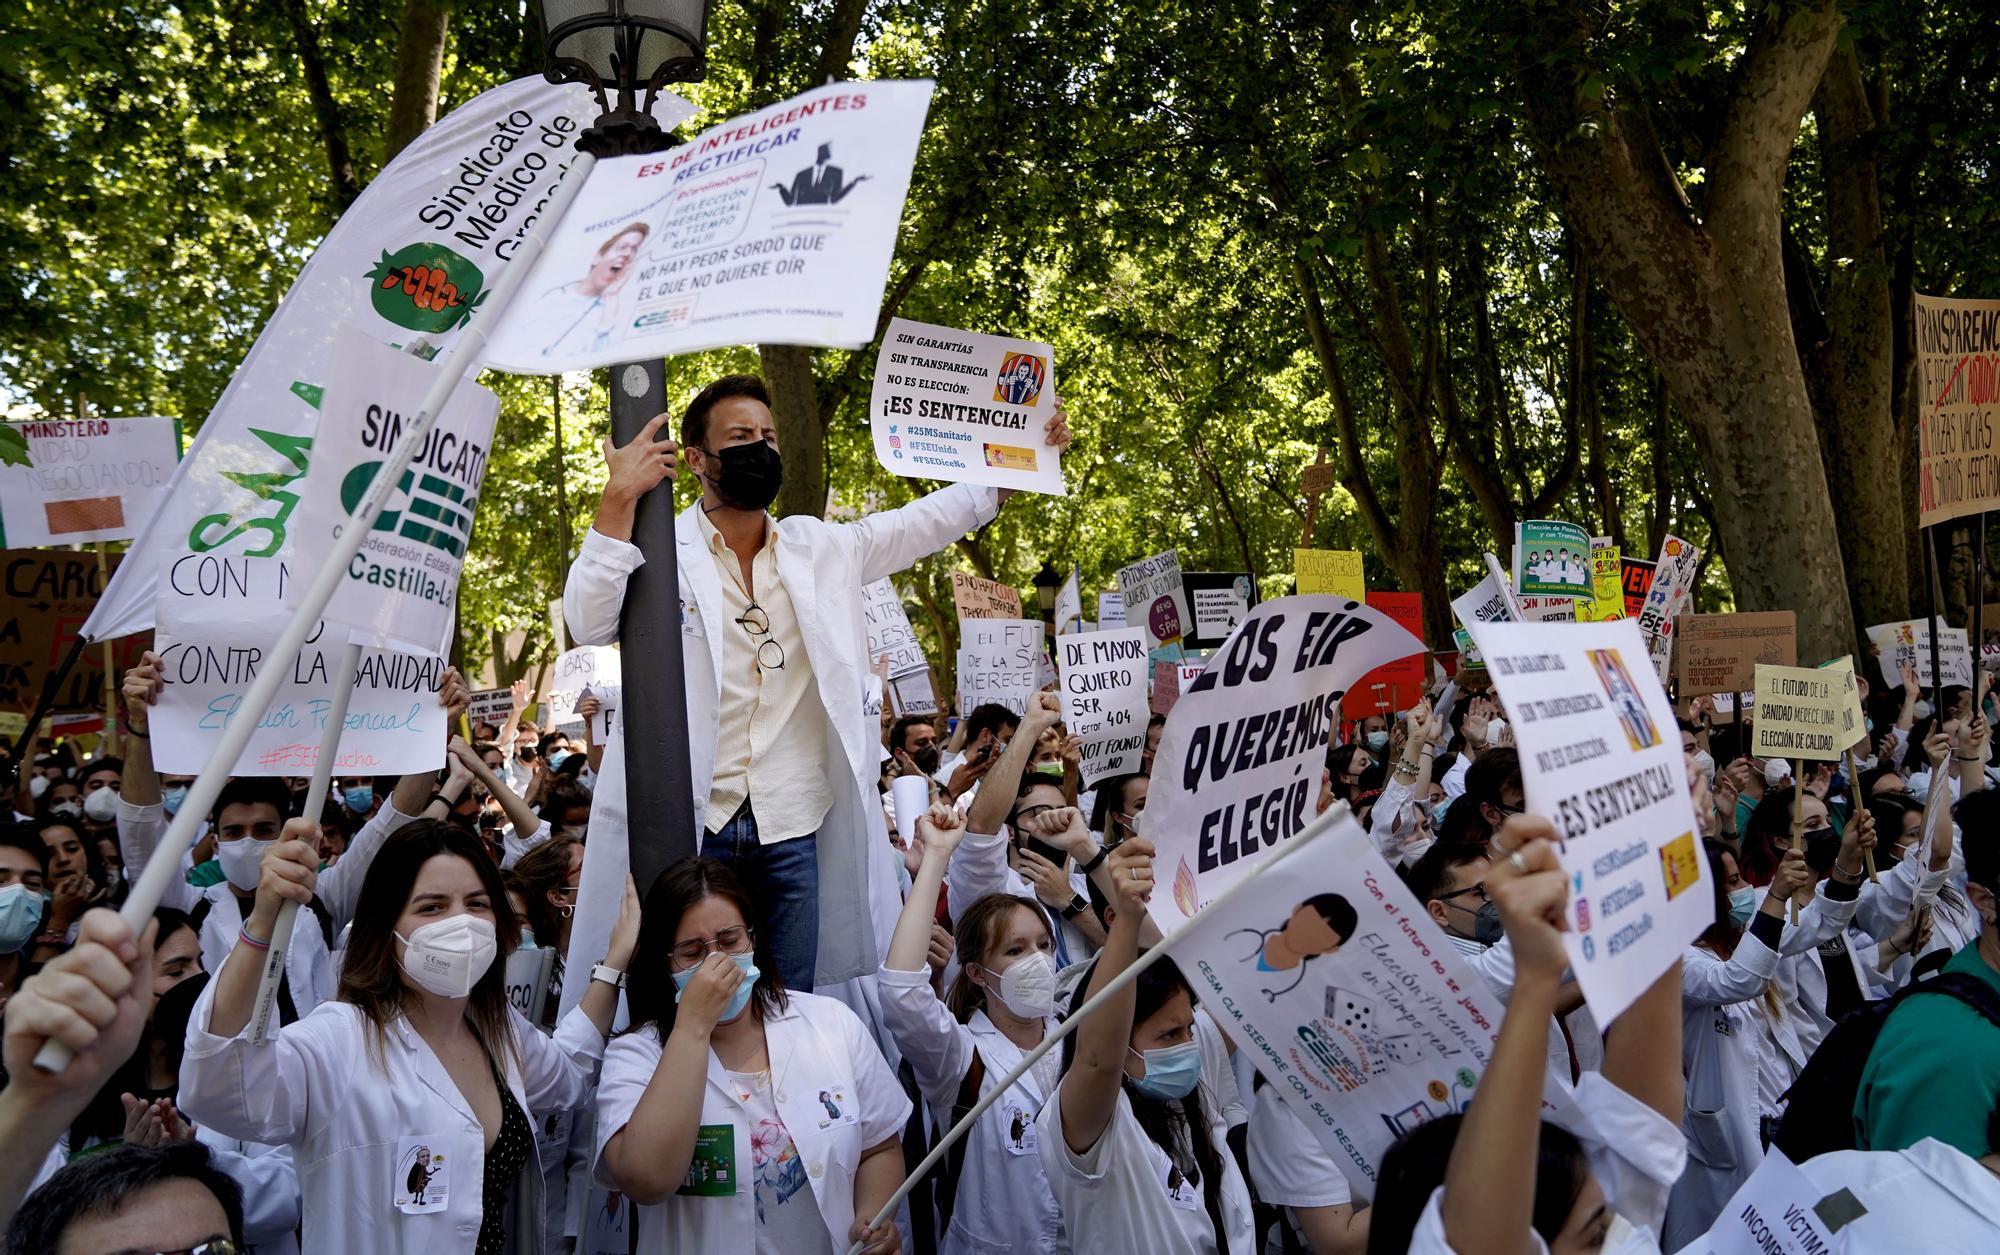 Protesta de aspirantes al MIR frente al ministerio de Sanidad